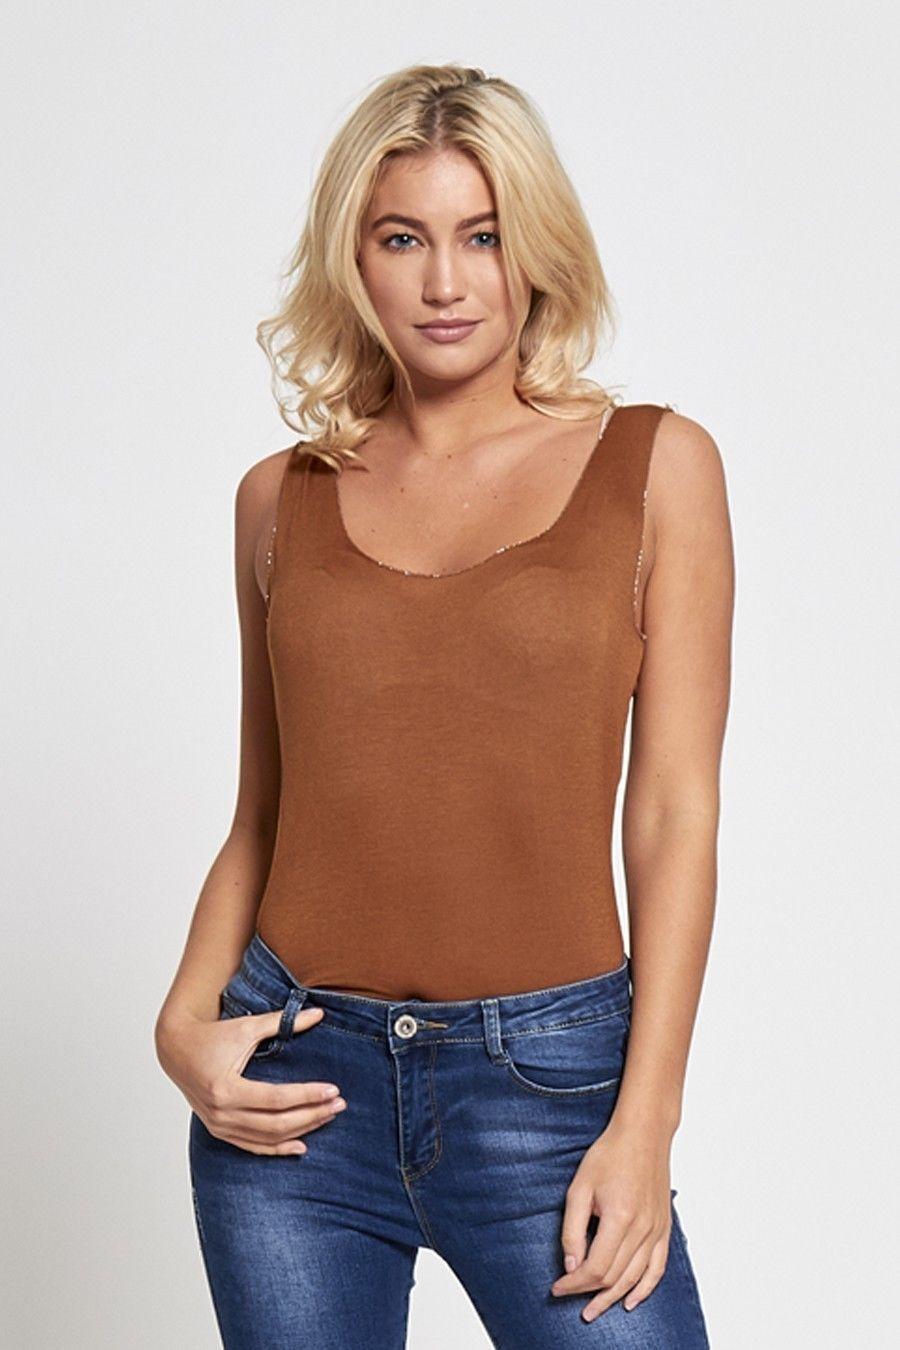 Womens Glitter Trim Plain Vest Top Onesize 8 - 14 Summer / Beach NEW